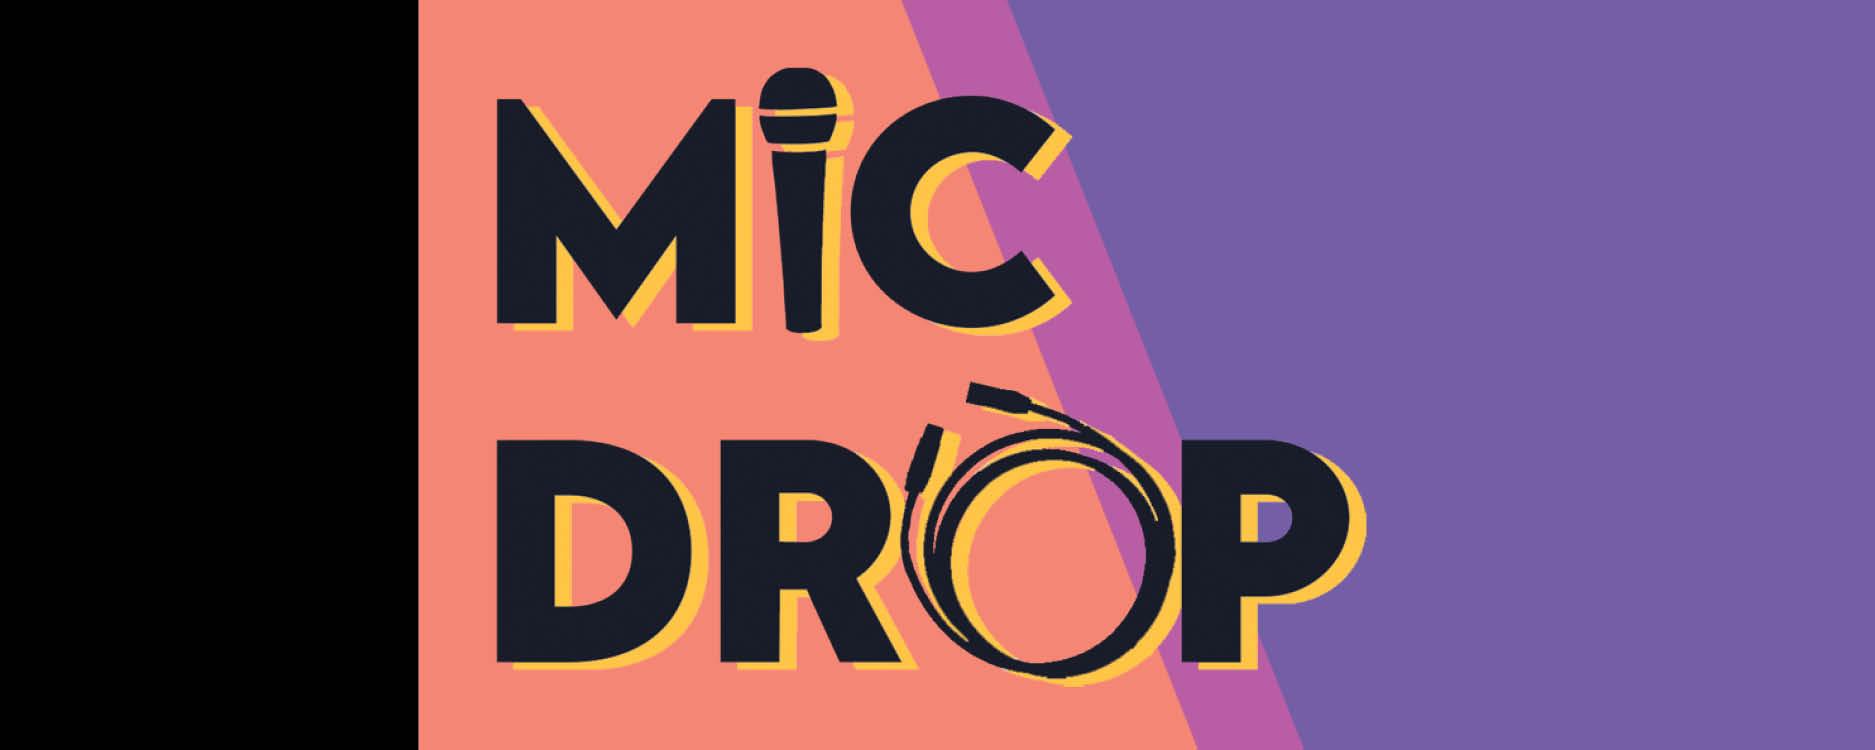 Mic Drop Program